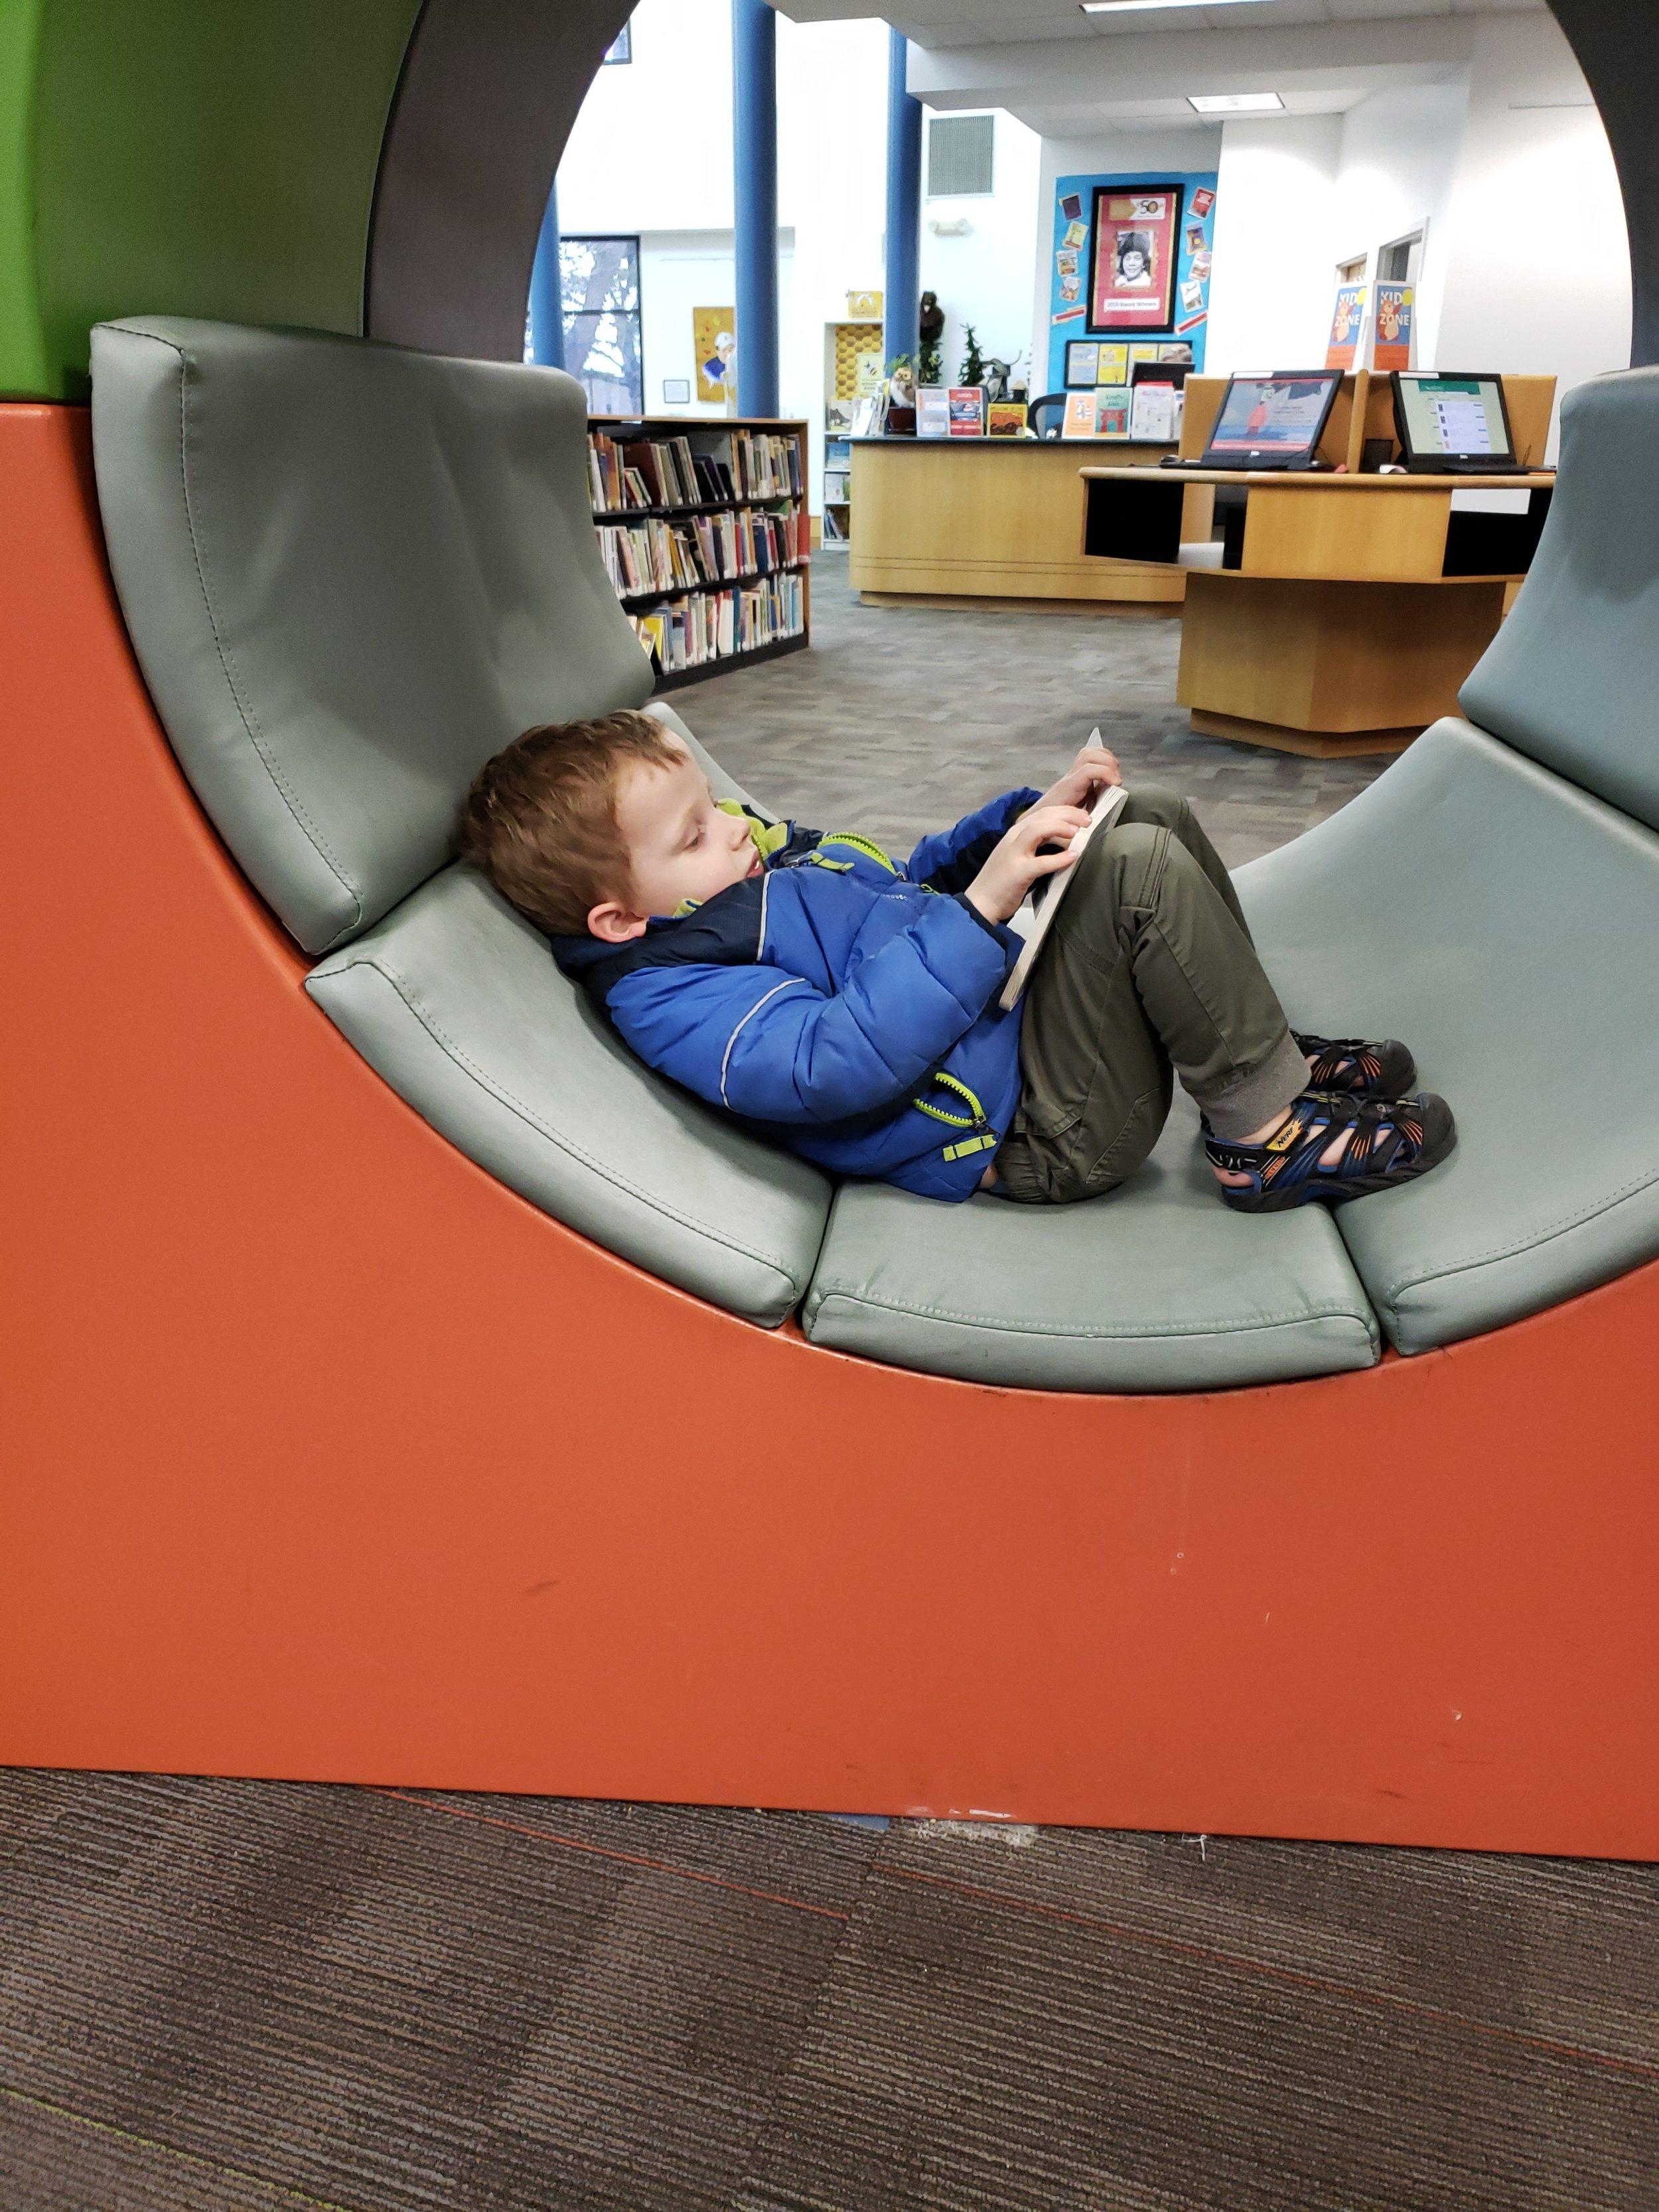 Fun reading areas